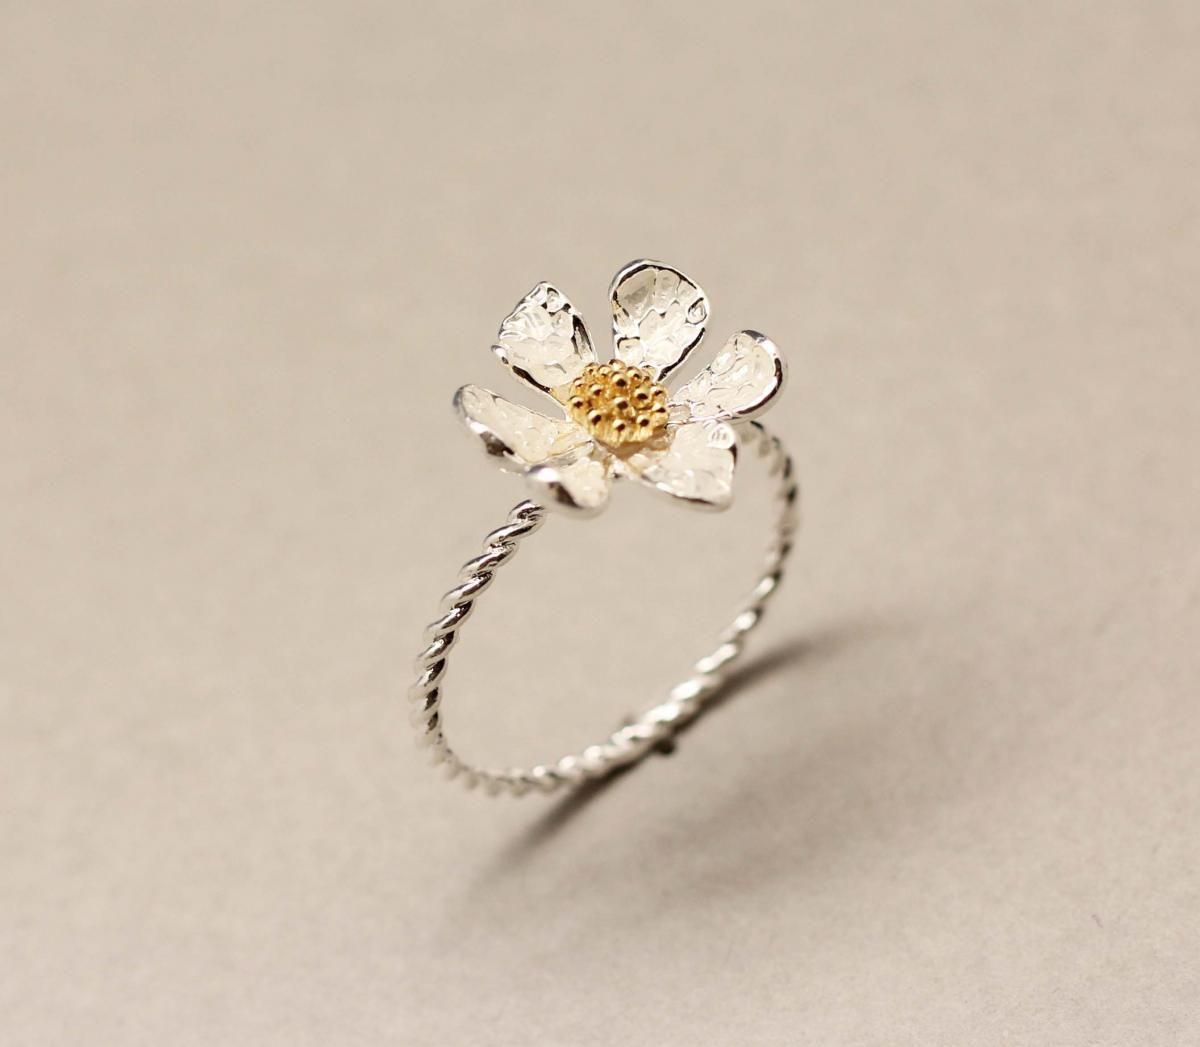 Danity white daisy flower ring on luulla for kelly pinterest danity white daisy flower ring izmirmasajfo